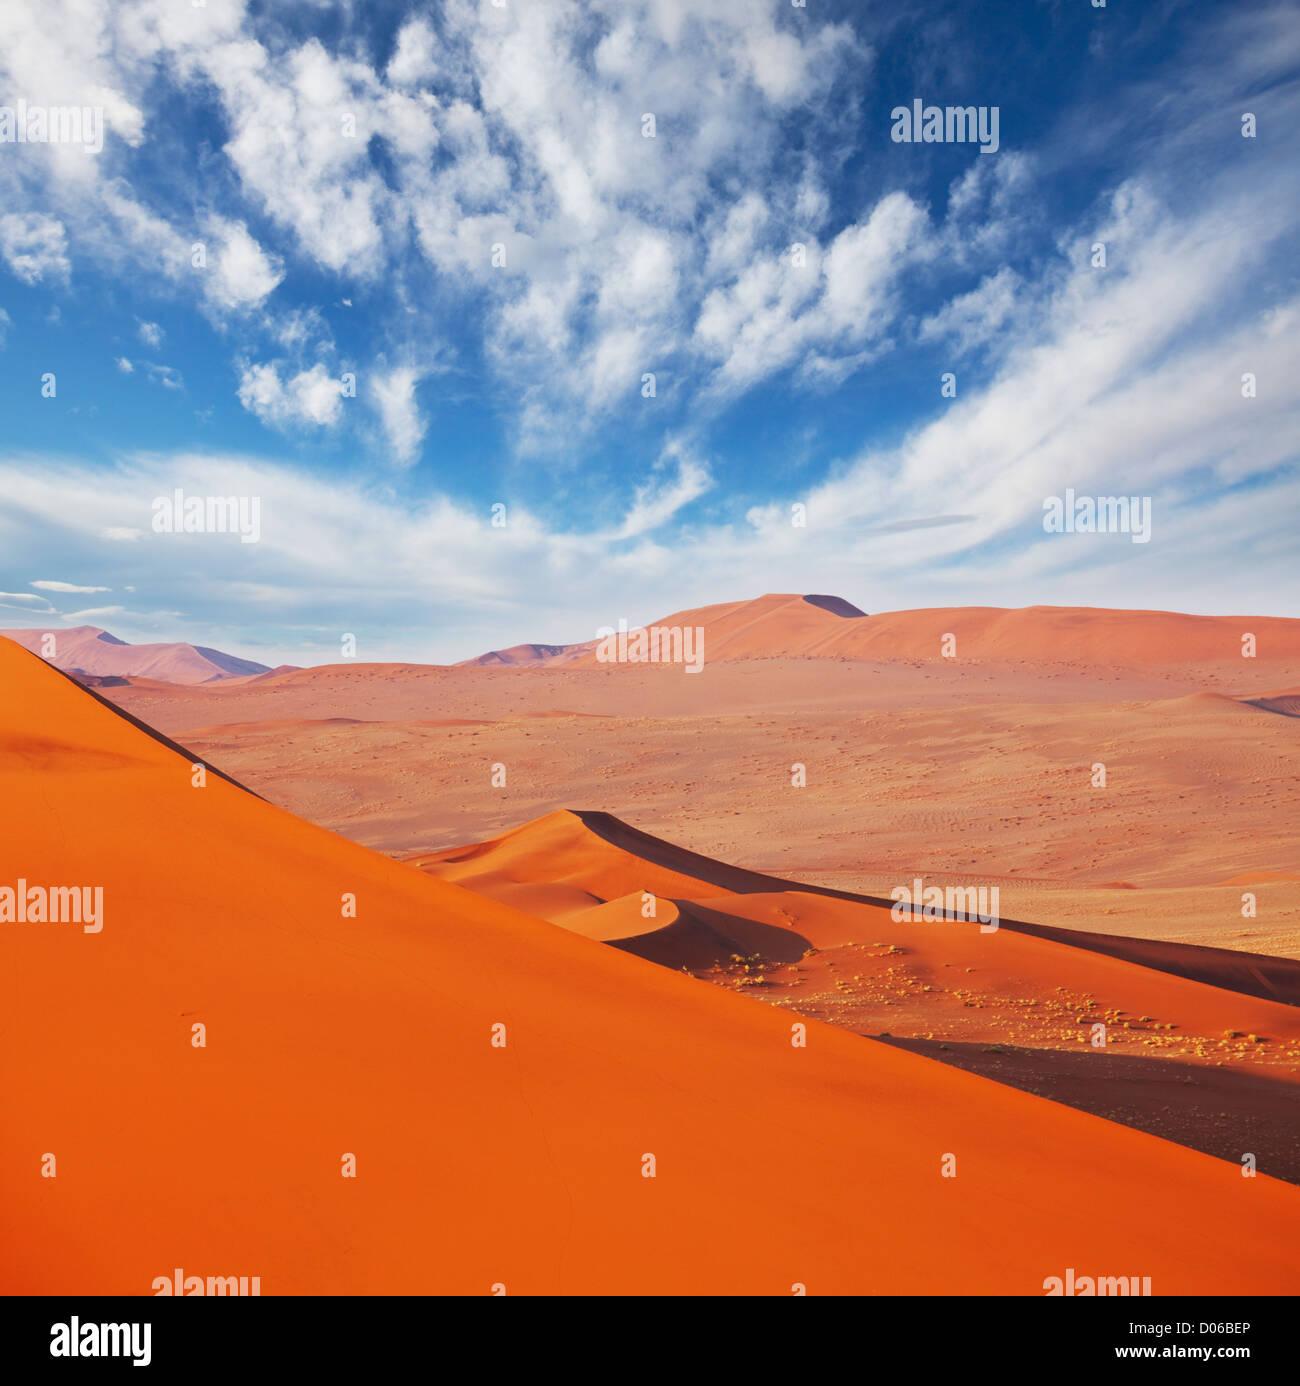 Namib desert - Stock Image